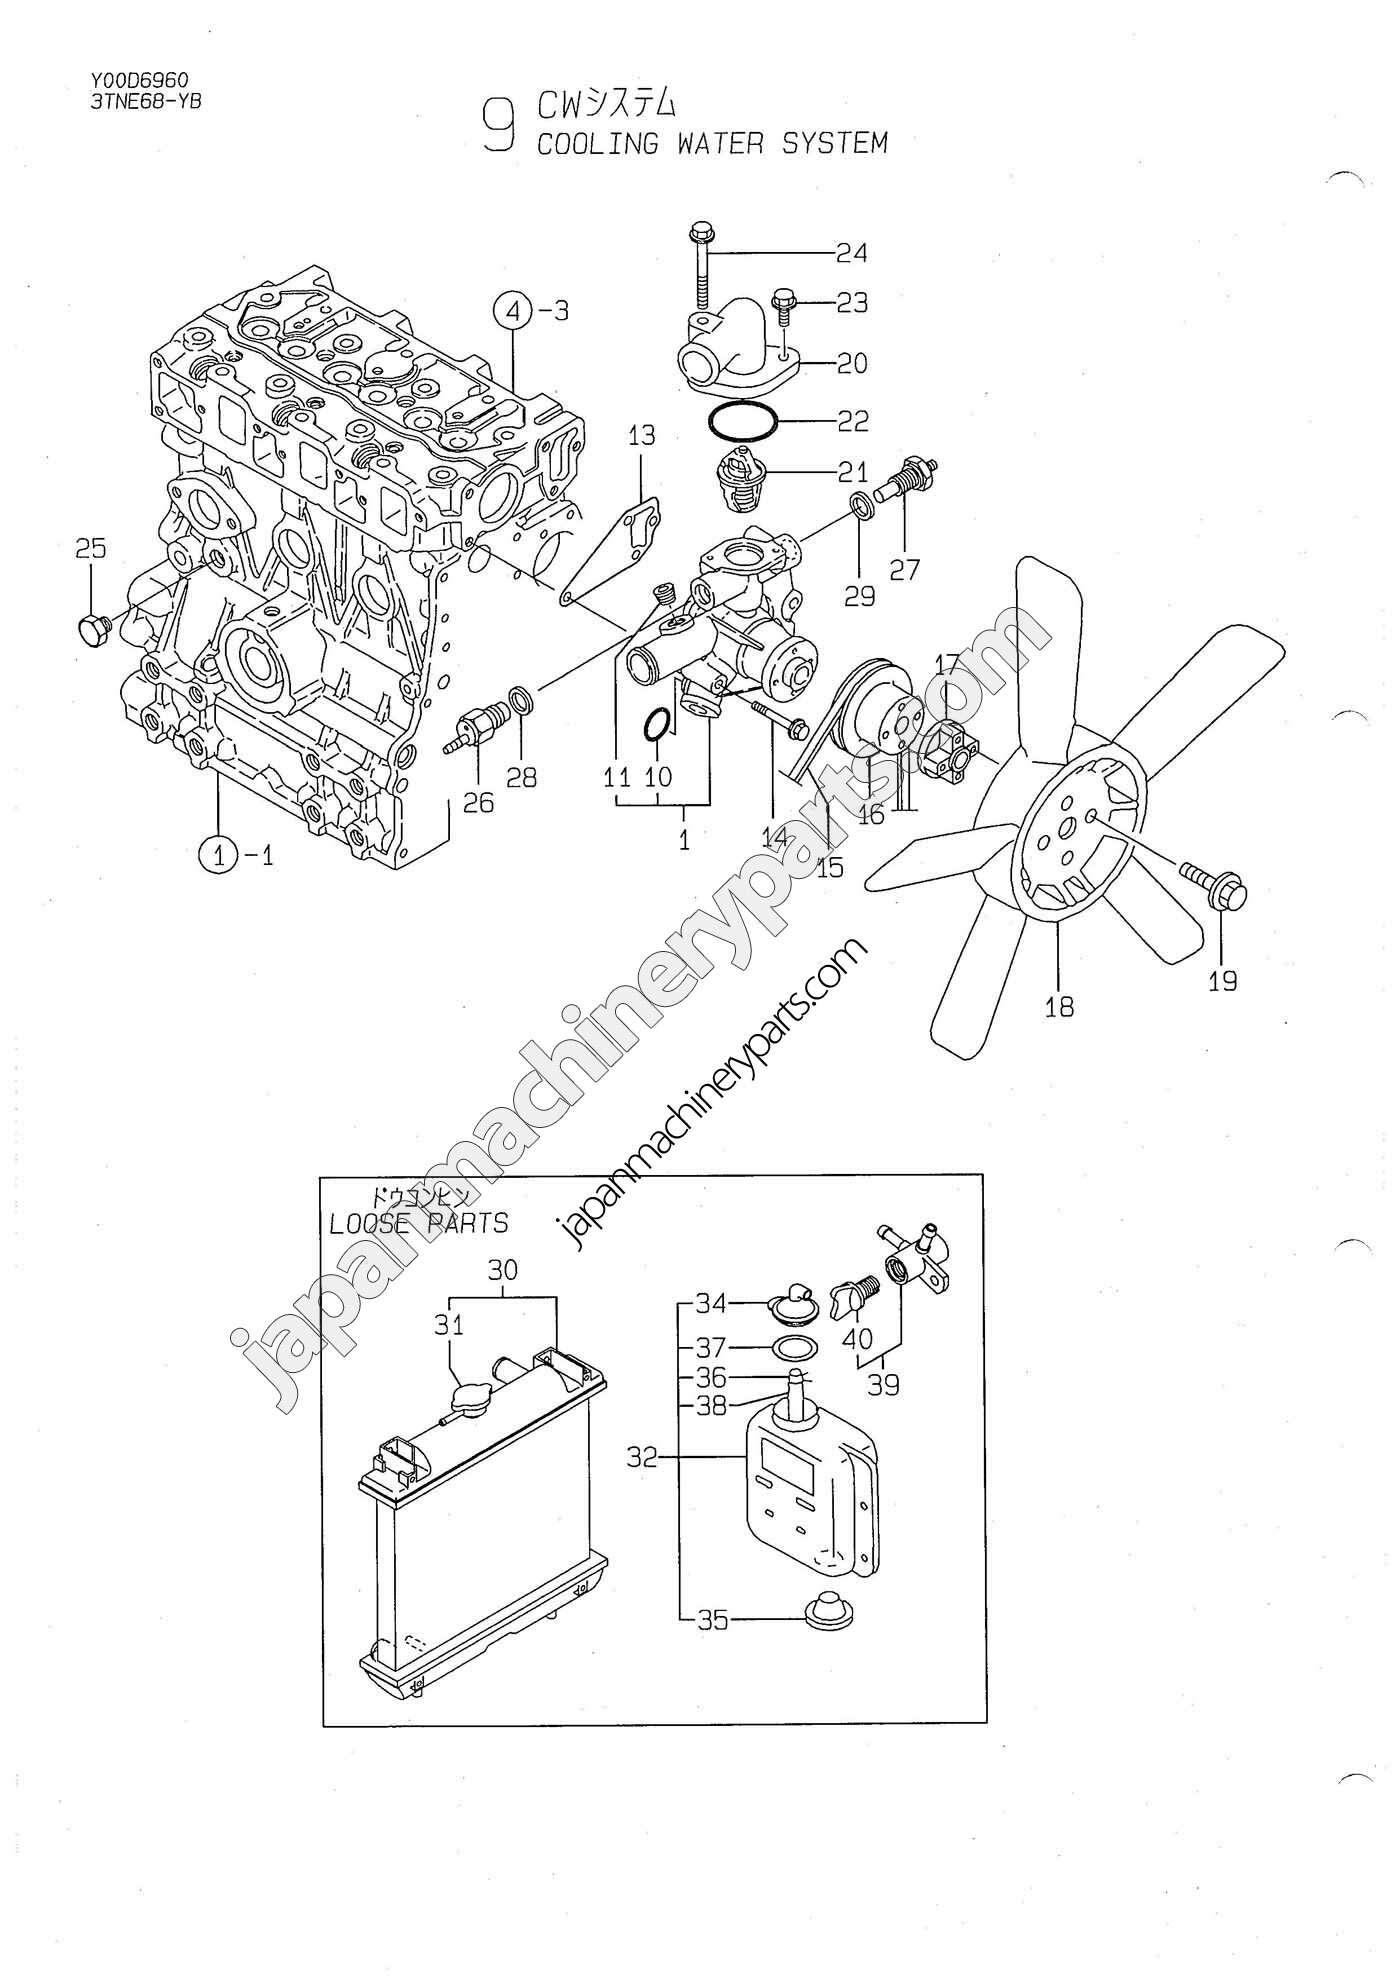 hight resolution of iseki engine diagram schematics wiring diagrams u2022 rh schoosretailstores com iseki diesel engine pdf massey ferguson